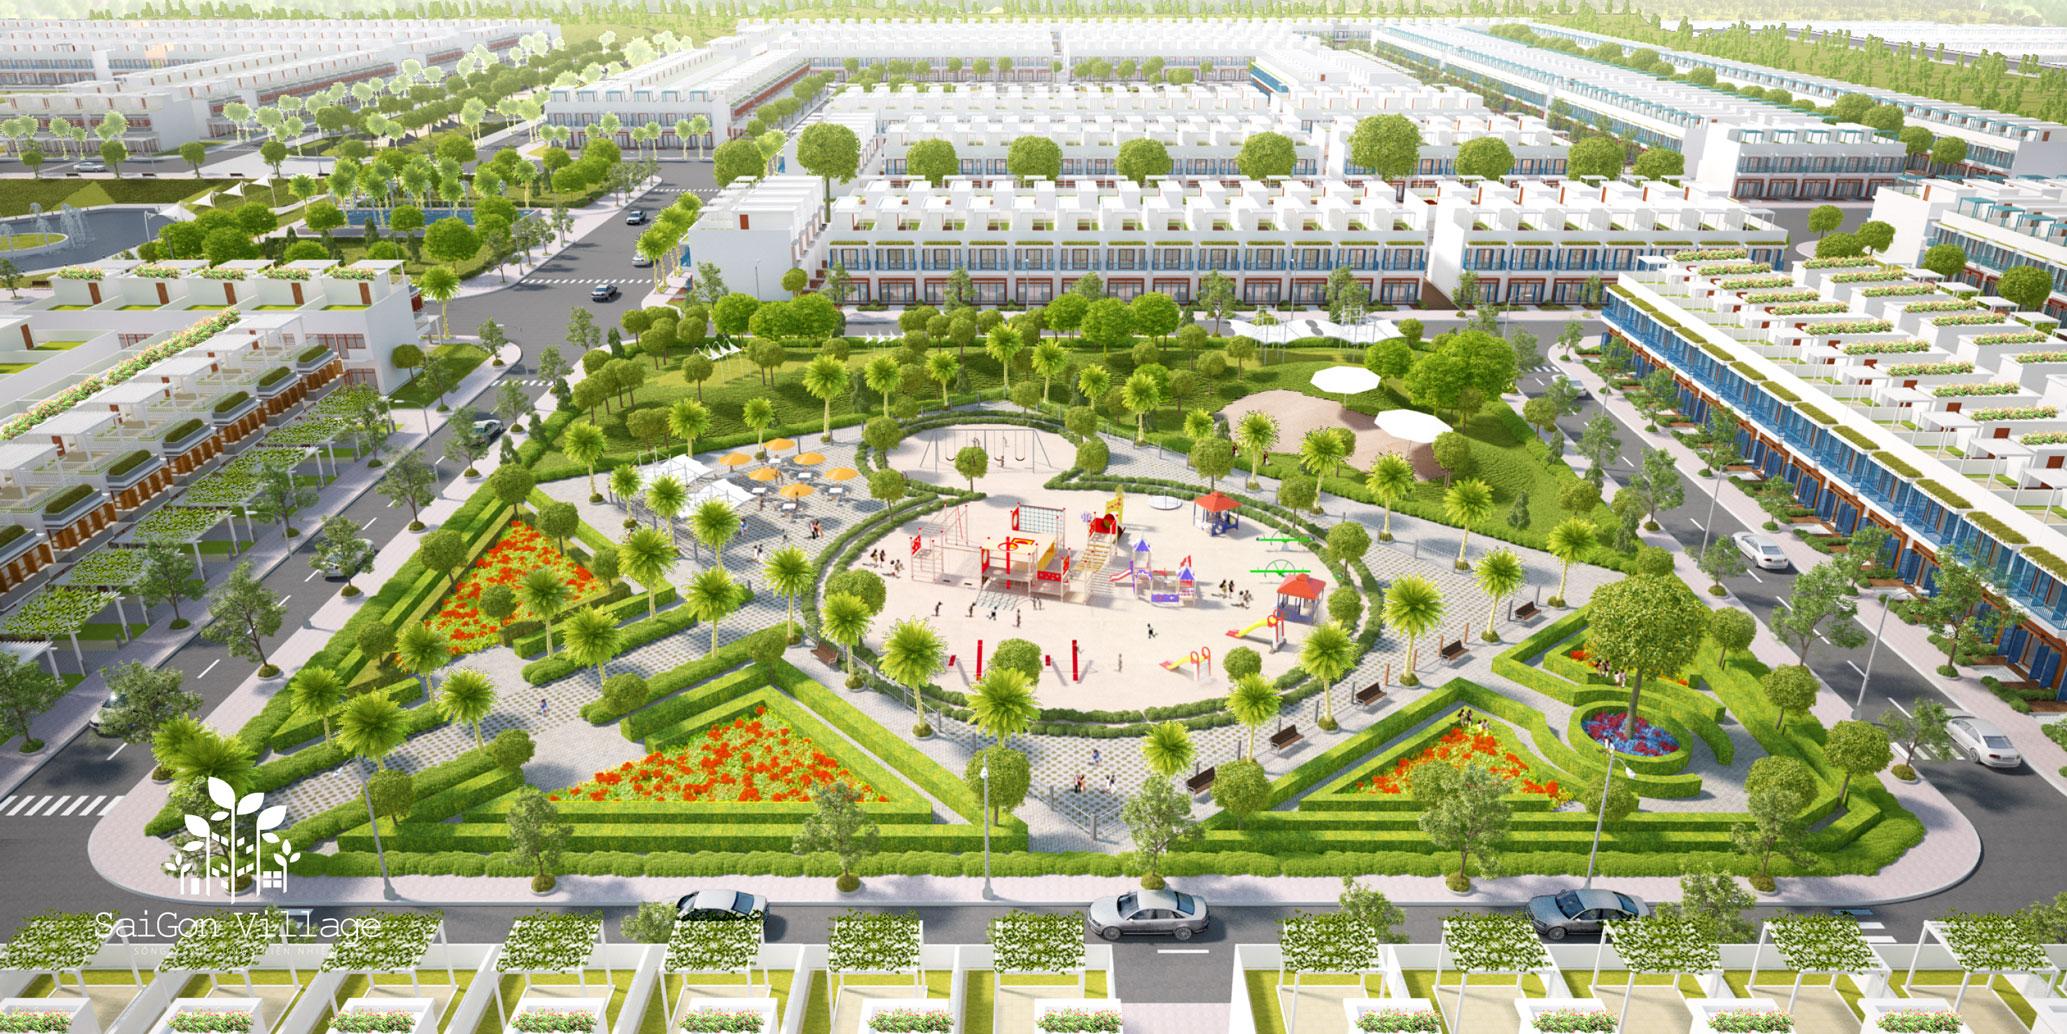 Có nên đầu tư vào dự án đất nền SaiGon Village Long Hậu hay không?